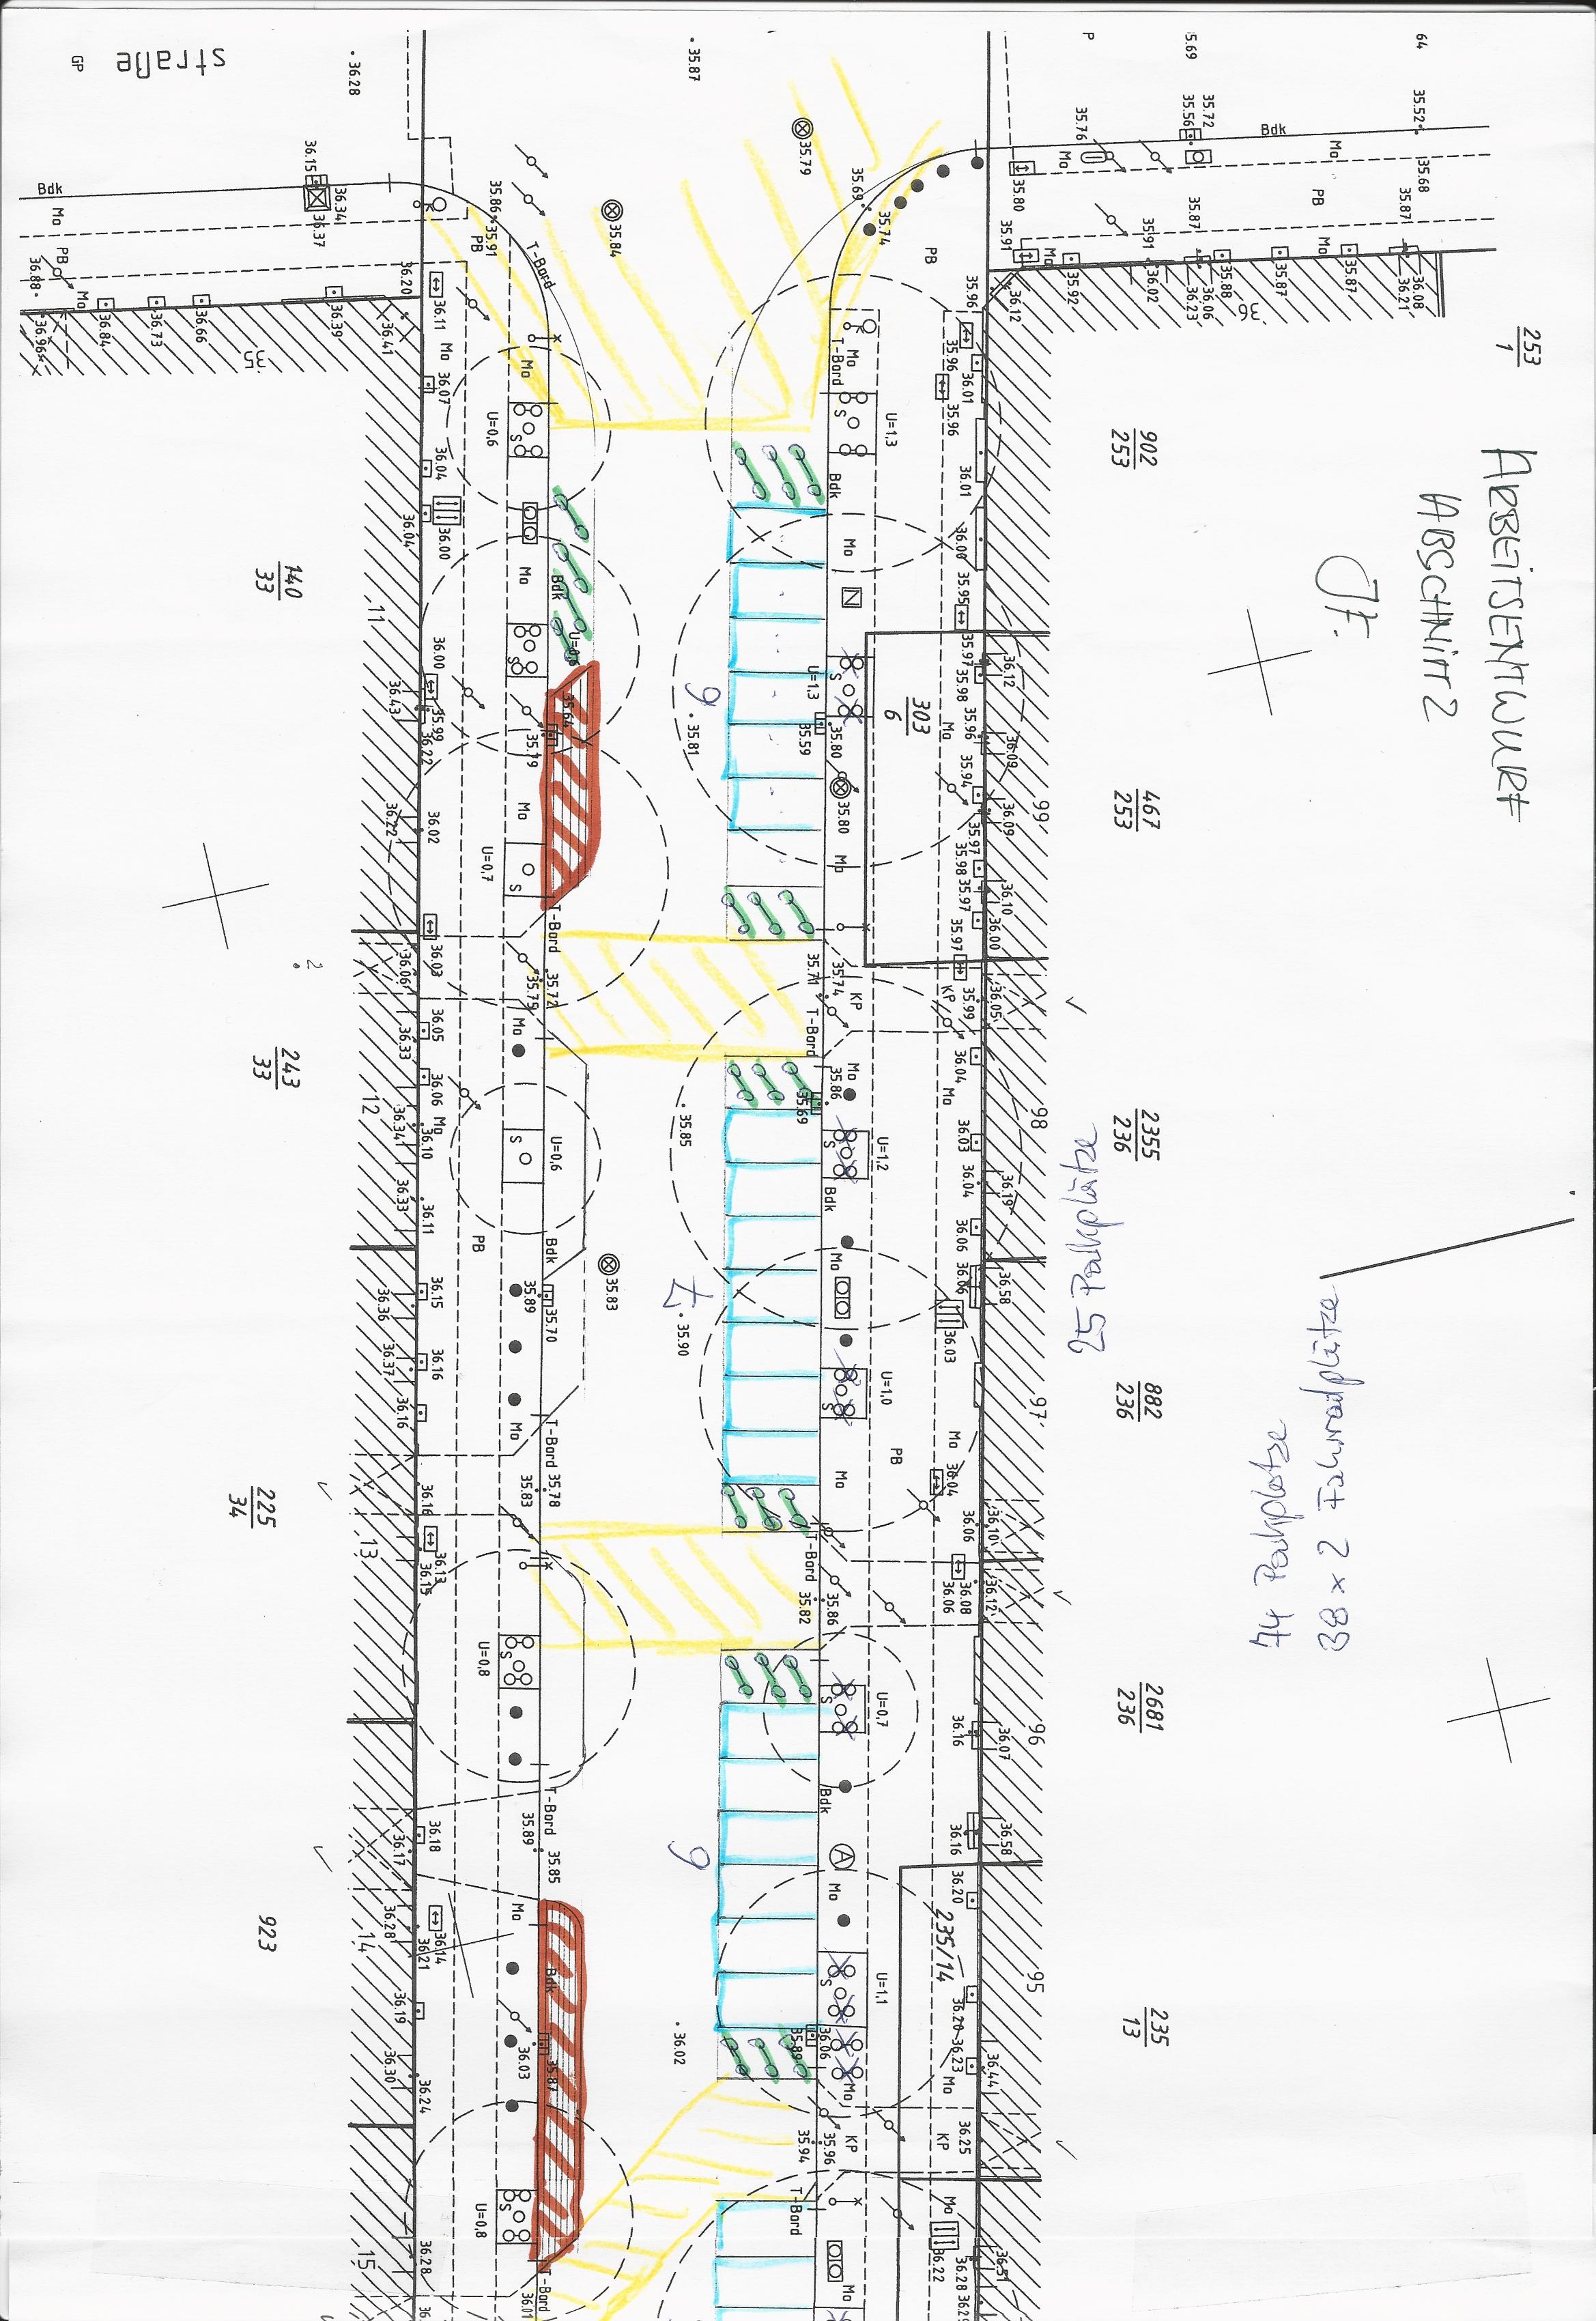 BegegnungBergmann 16234 - J.Fleiner+Skribbel Becker 3v4